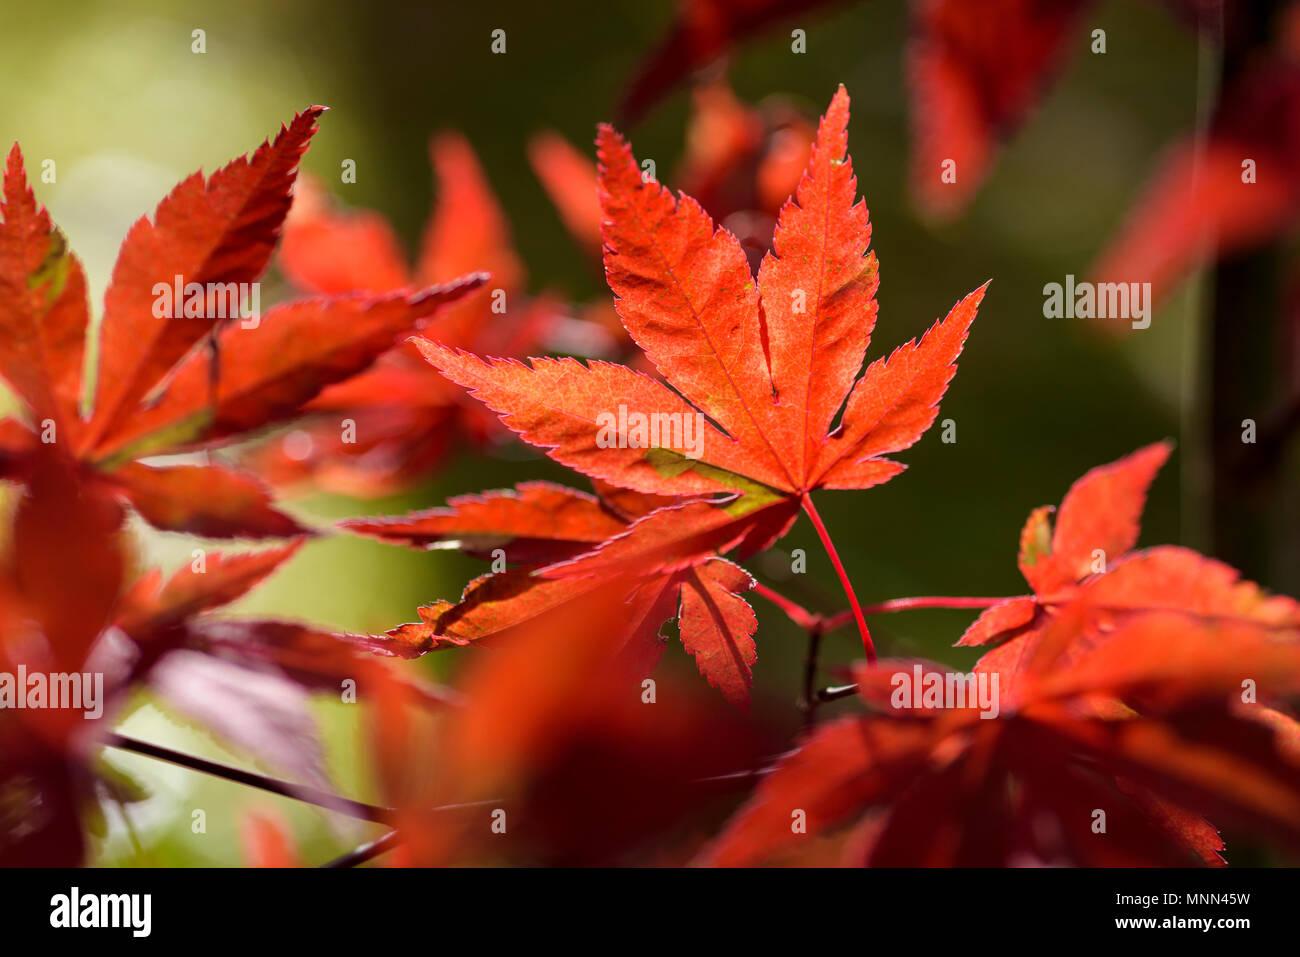 Les feuilles d'automne rouge vif sur un érable japonais décoratif. Banque D'Images